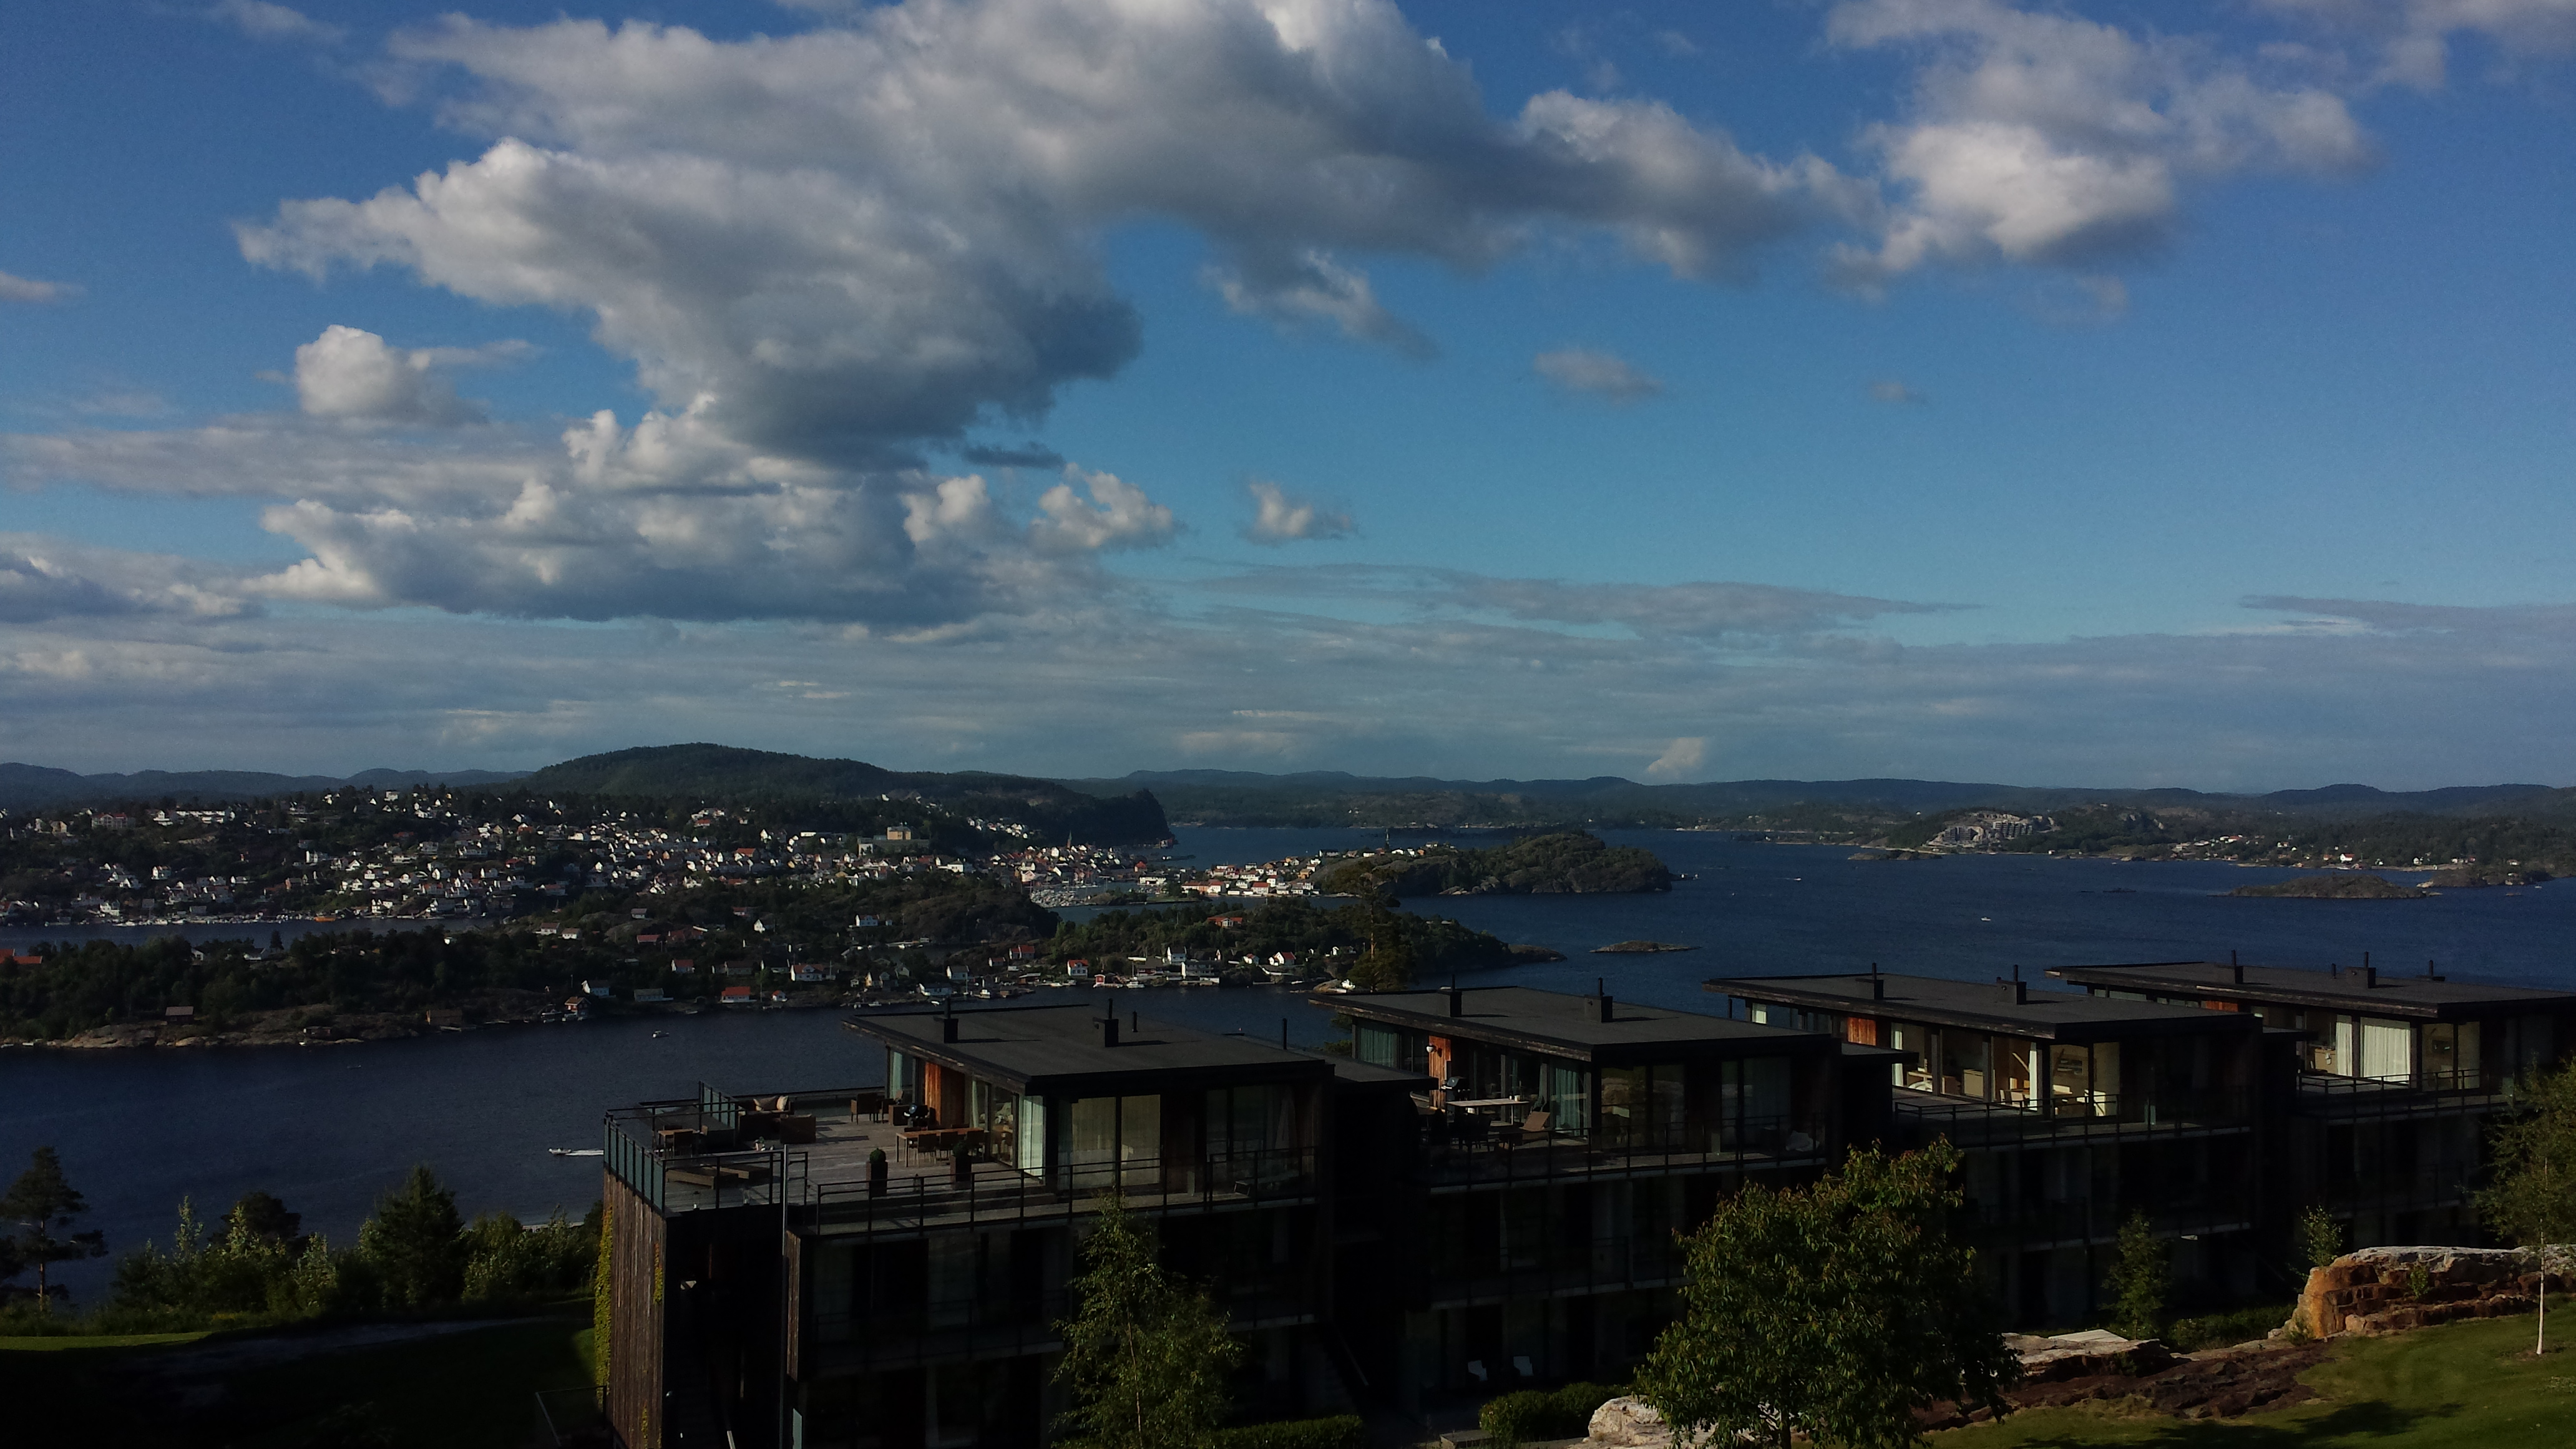 Utsikten fra vår fantastiske leilighet